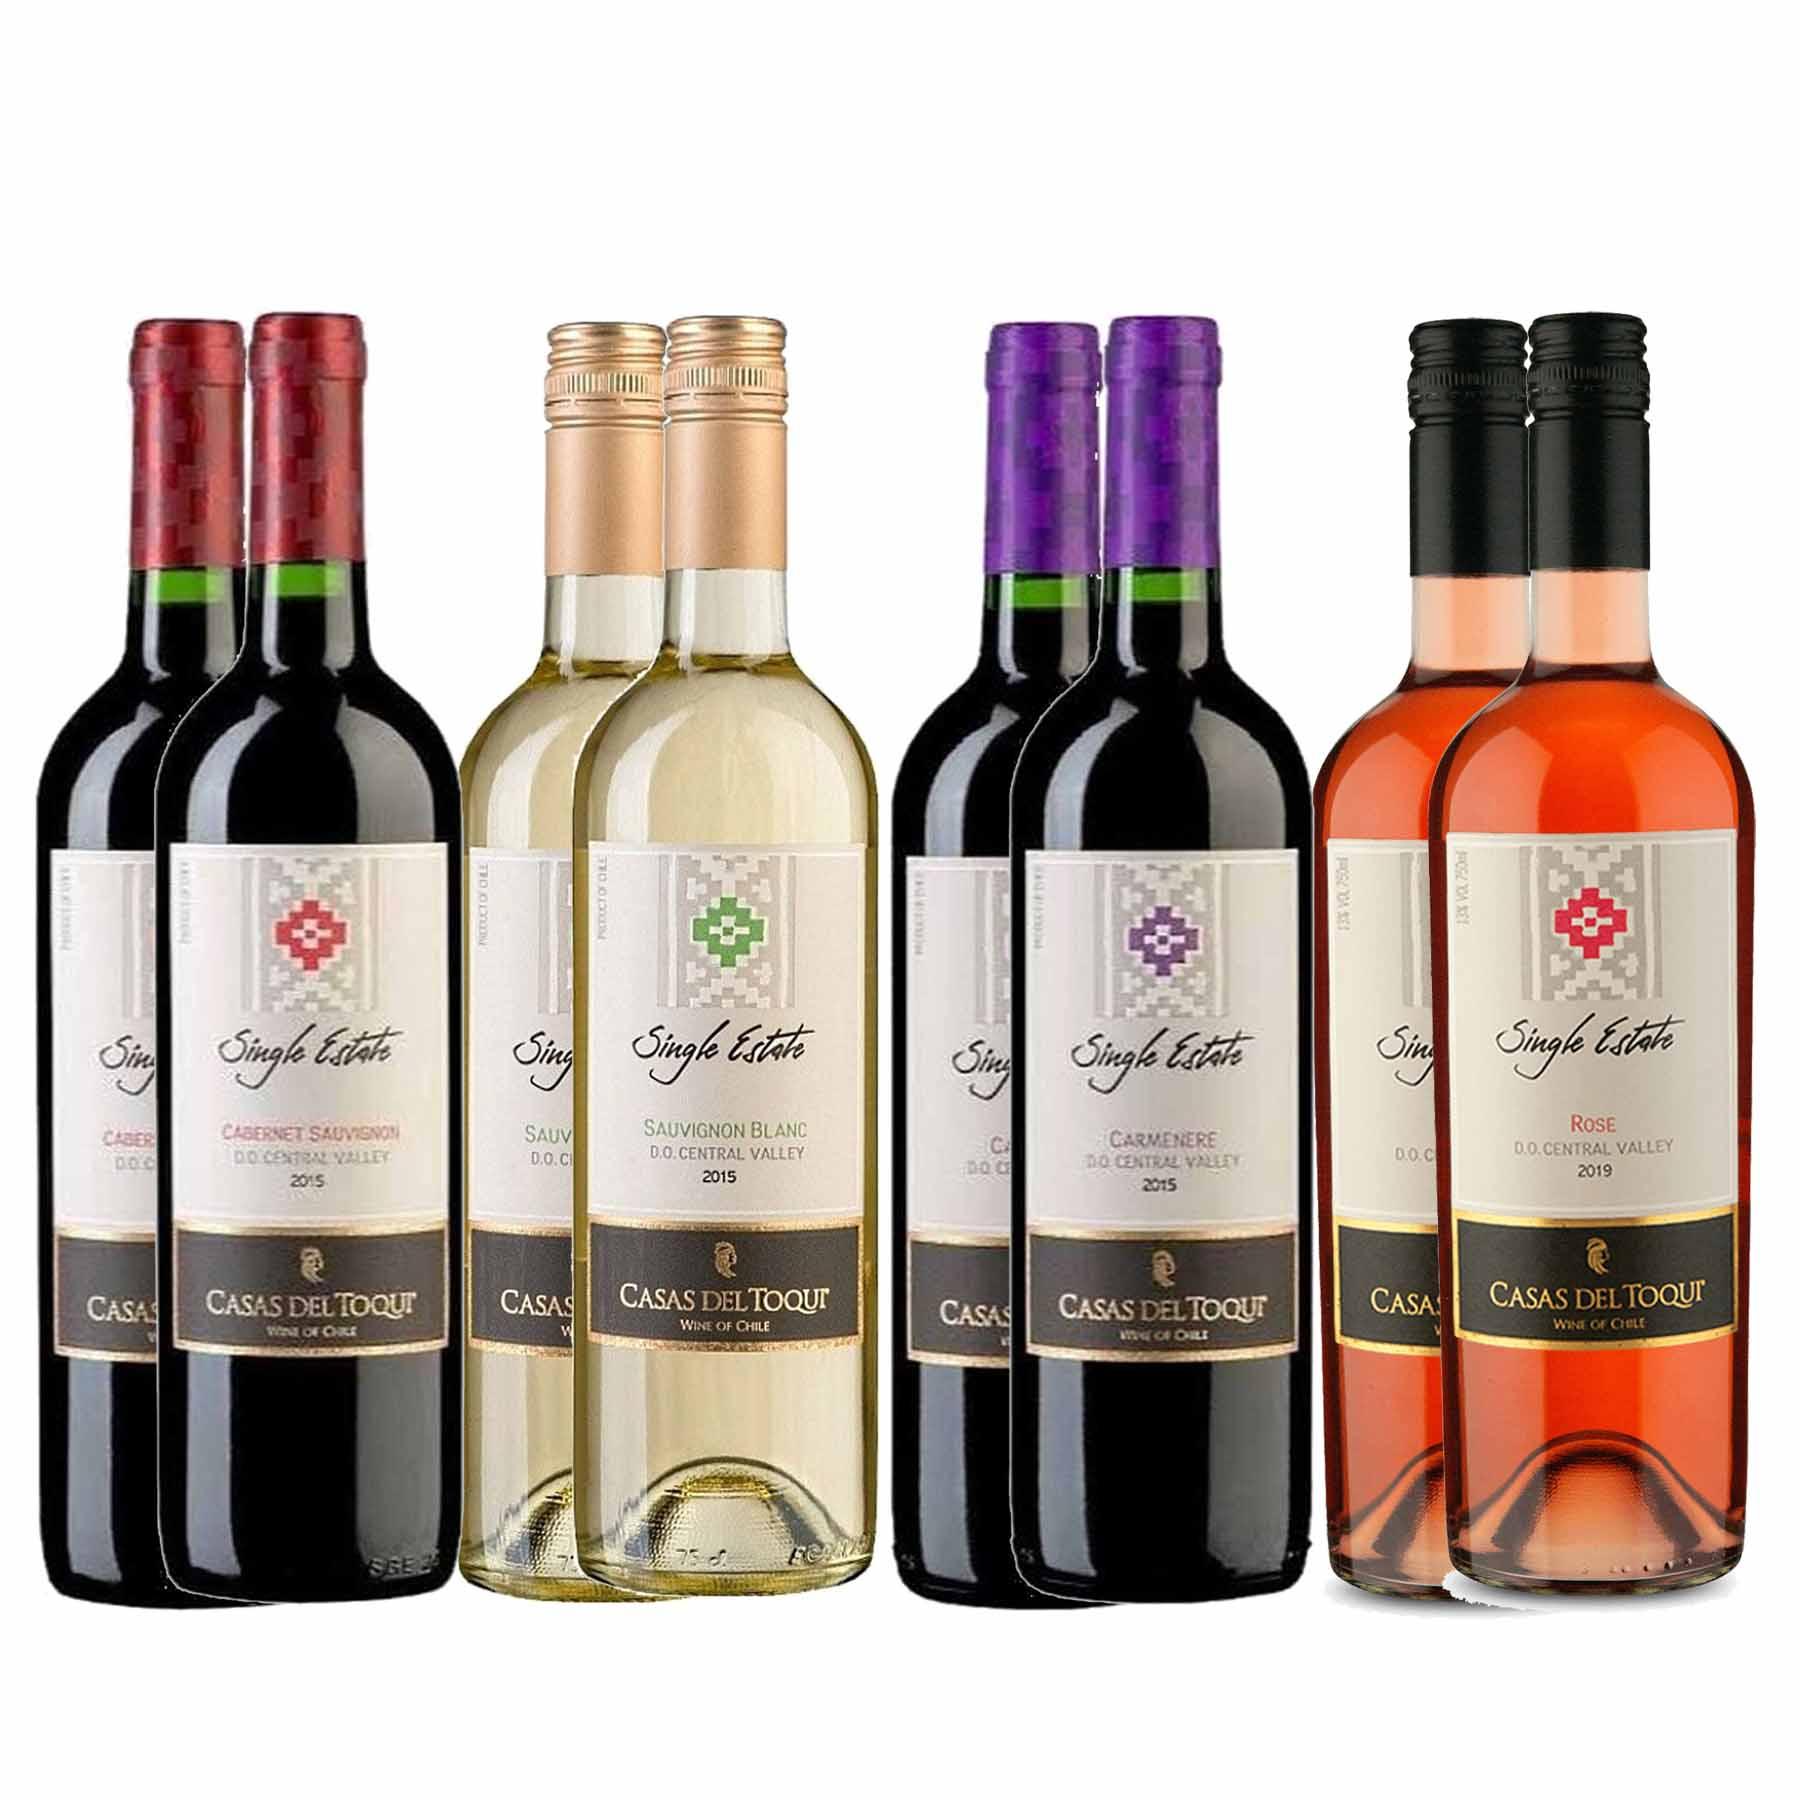 Kit 8 Vinhos Chileno Casas Del Toqui 4 Tinto 2 Branco 2 Rosé